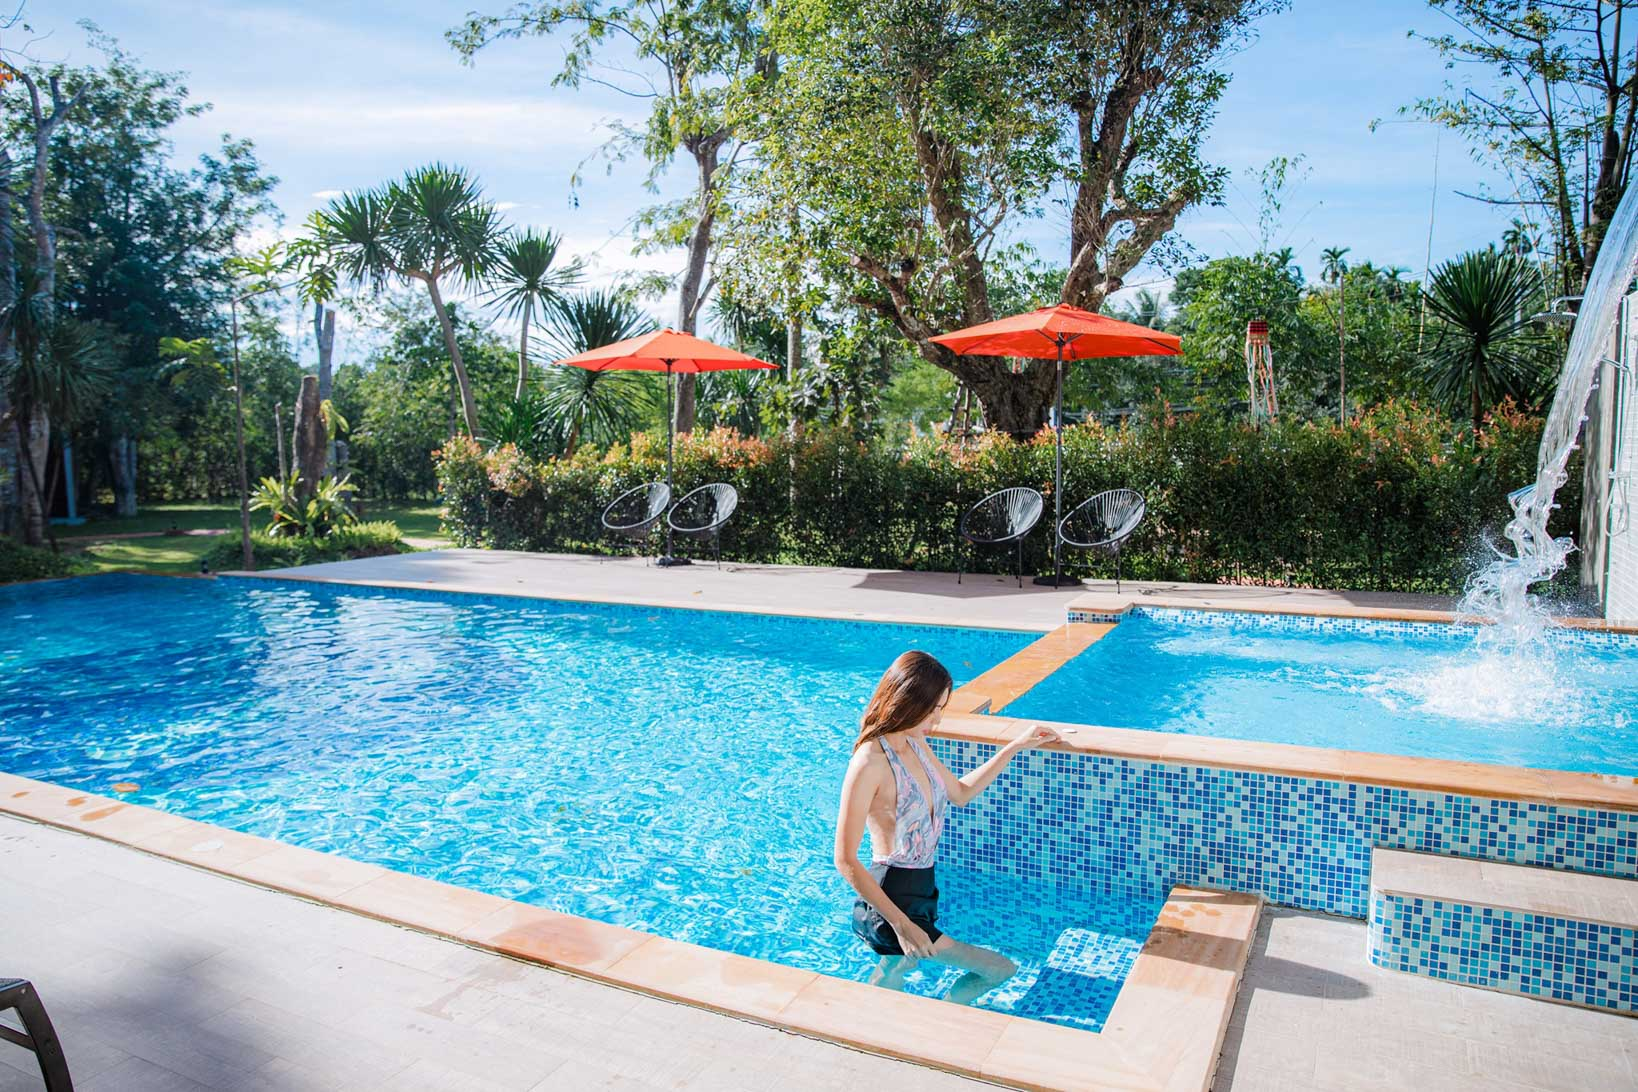 มีสระว่ายน้ำสวยๆ-ด้วยน้าา-ทั้งสระผู้ใหญ่-และสระเด็กเลยงับ  บ้านขุนเล,ขุนเลคอฟฟี่,ลานสกา,นครศรี,ที่พักเปิดใหม่,รีสอร์ท